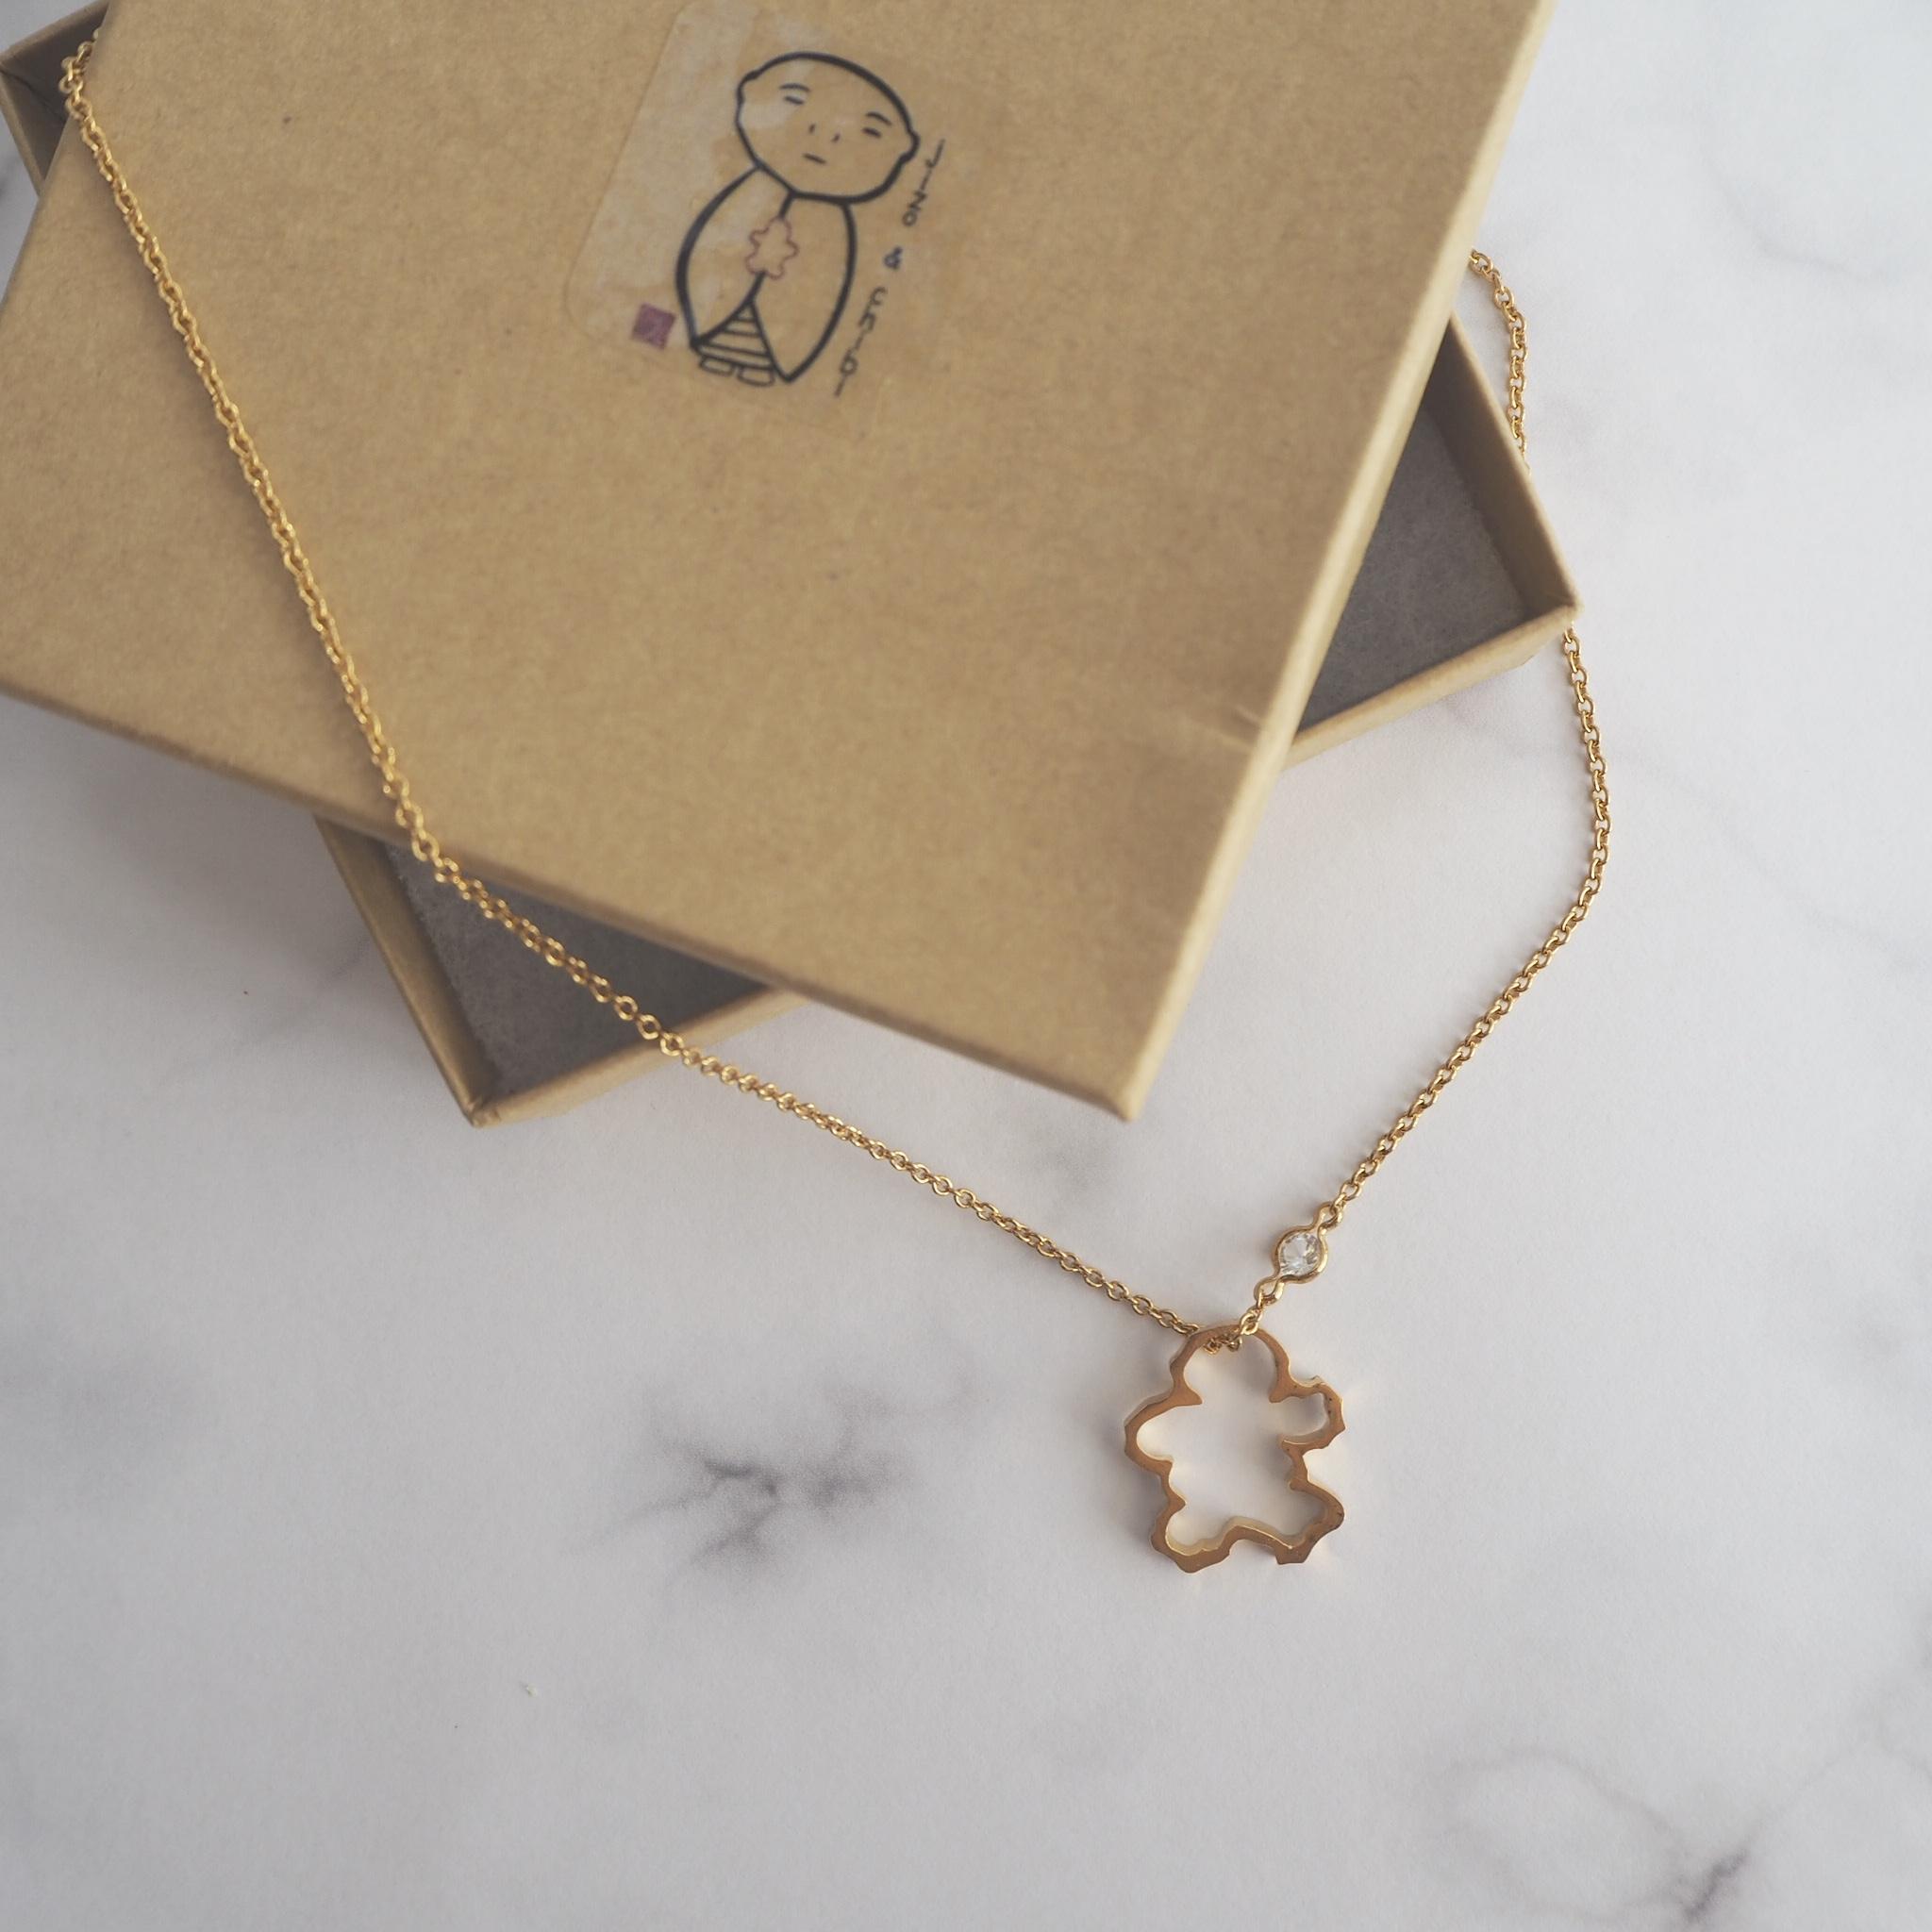 Jizo & Chibi necklace giveaway